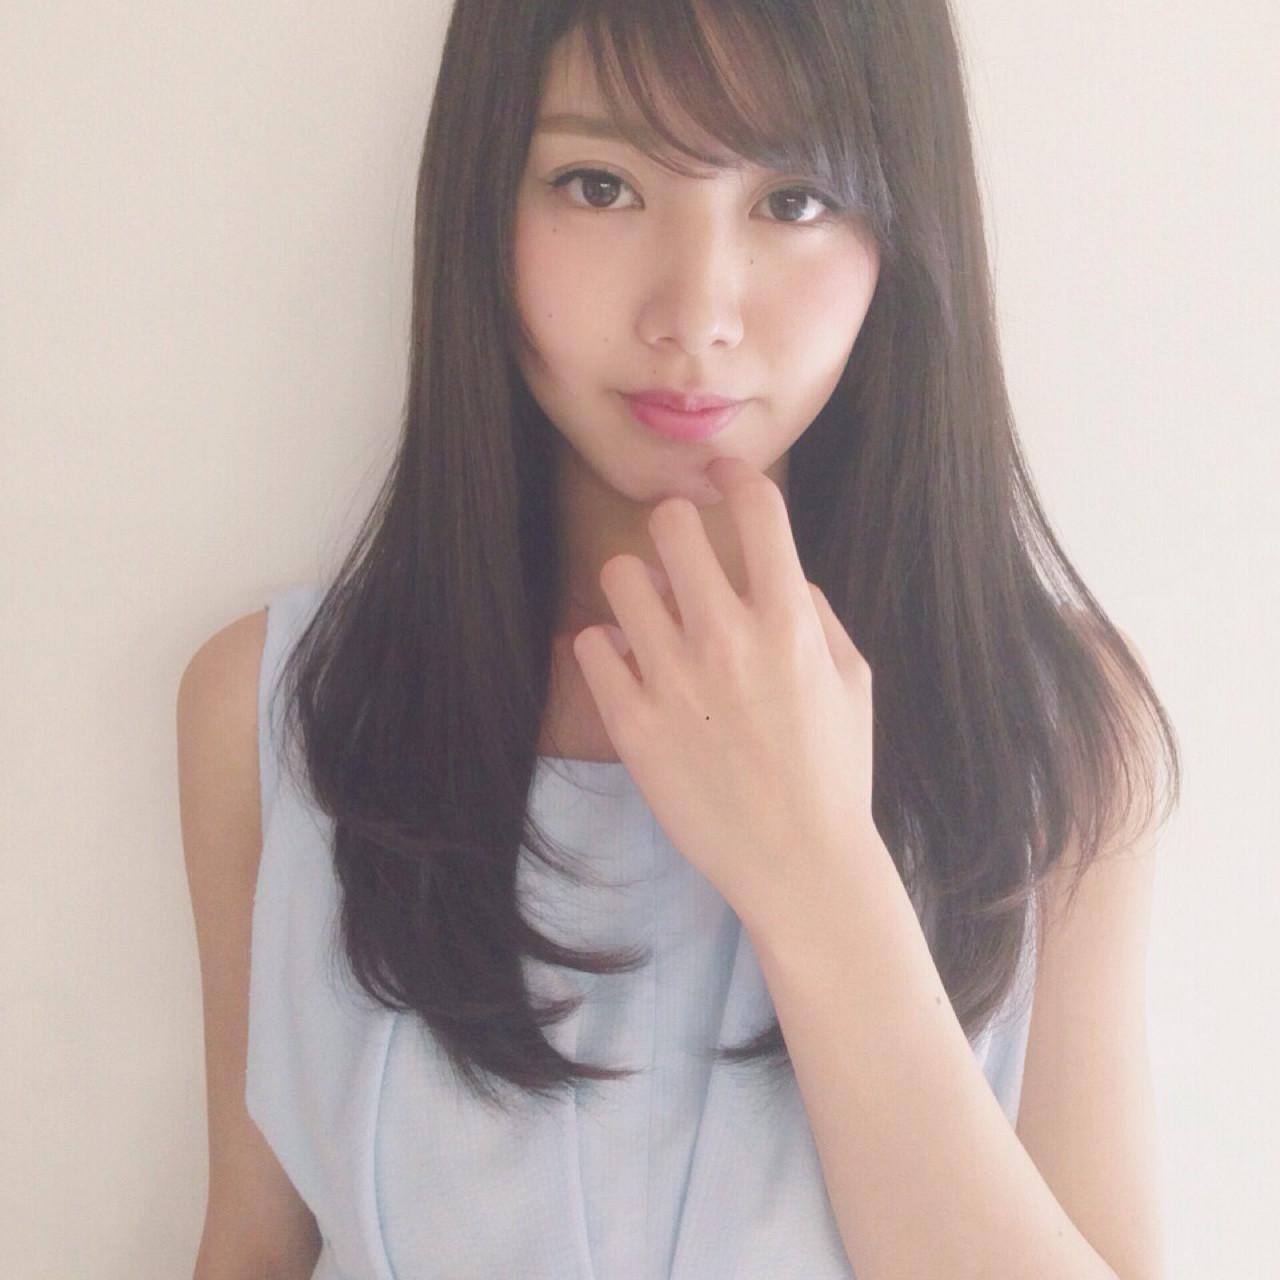 ヘアブラシ編♡ストレートヘアブラシを有効活用! 瀬戸島 容子